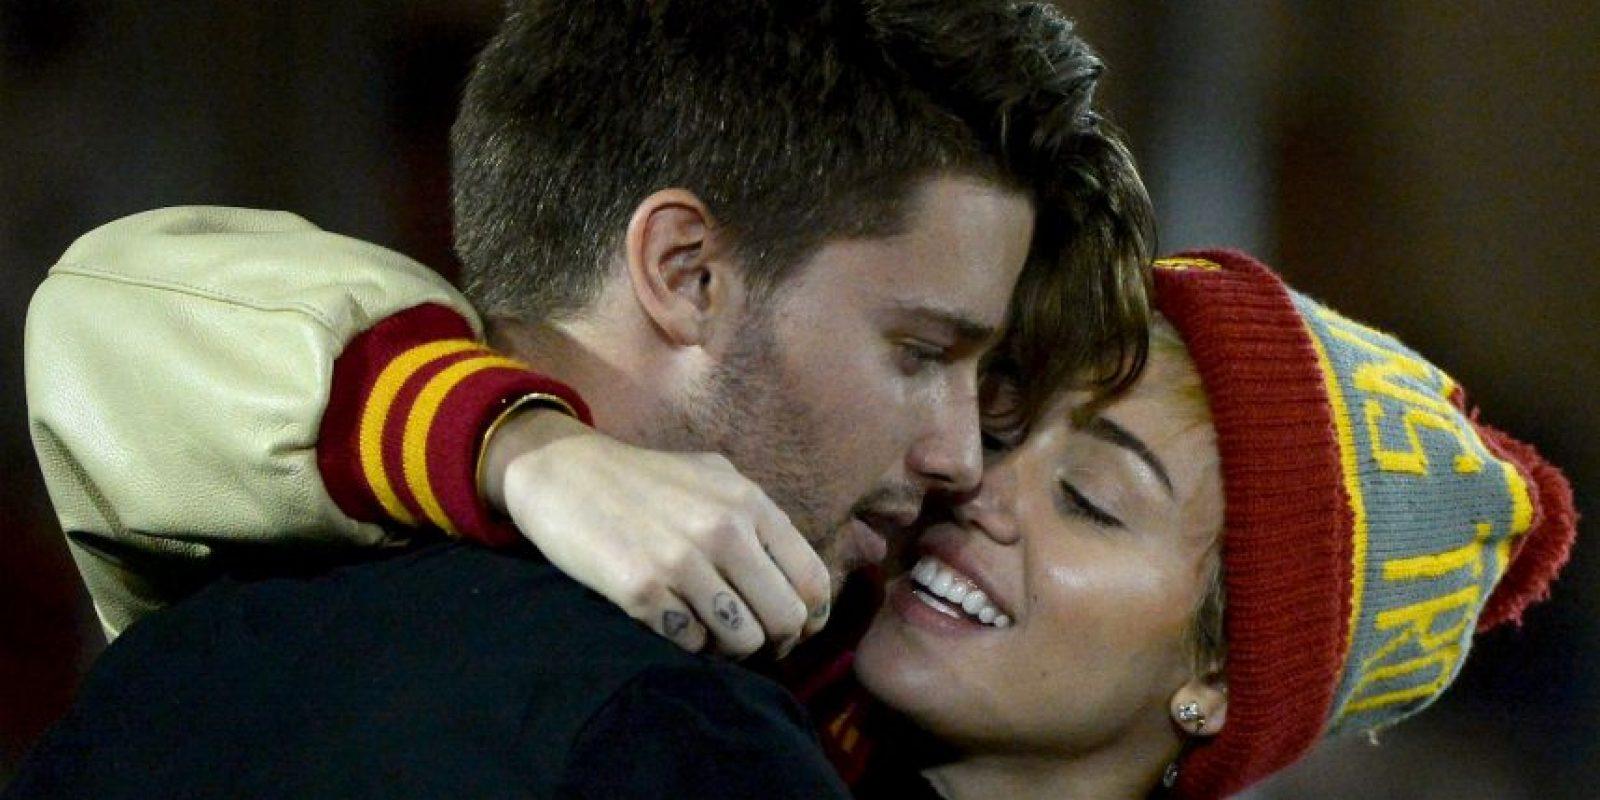 Sin embargo, Miley se distingue por ser muy polémica Foto:Getty Images